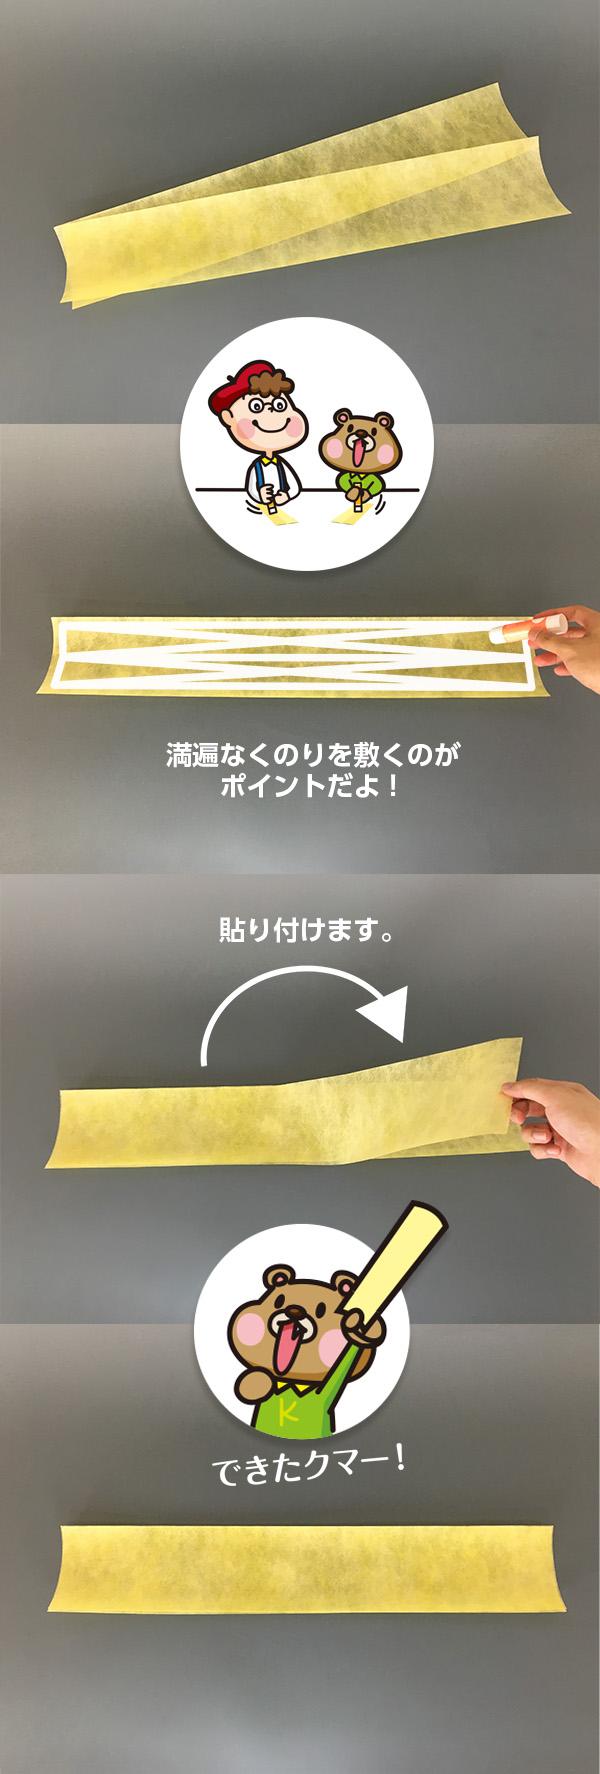 fushokufu_03